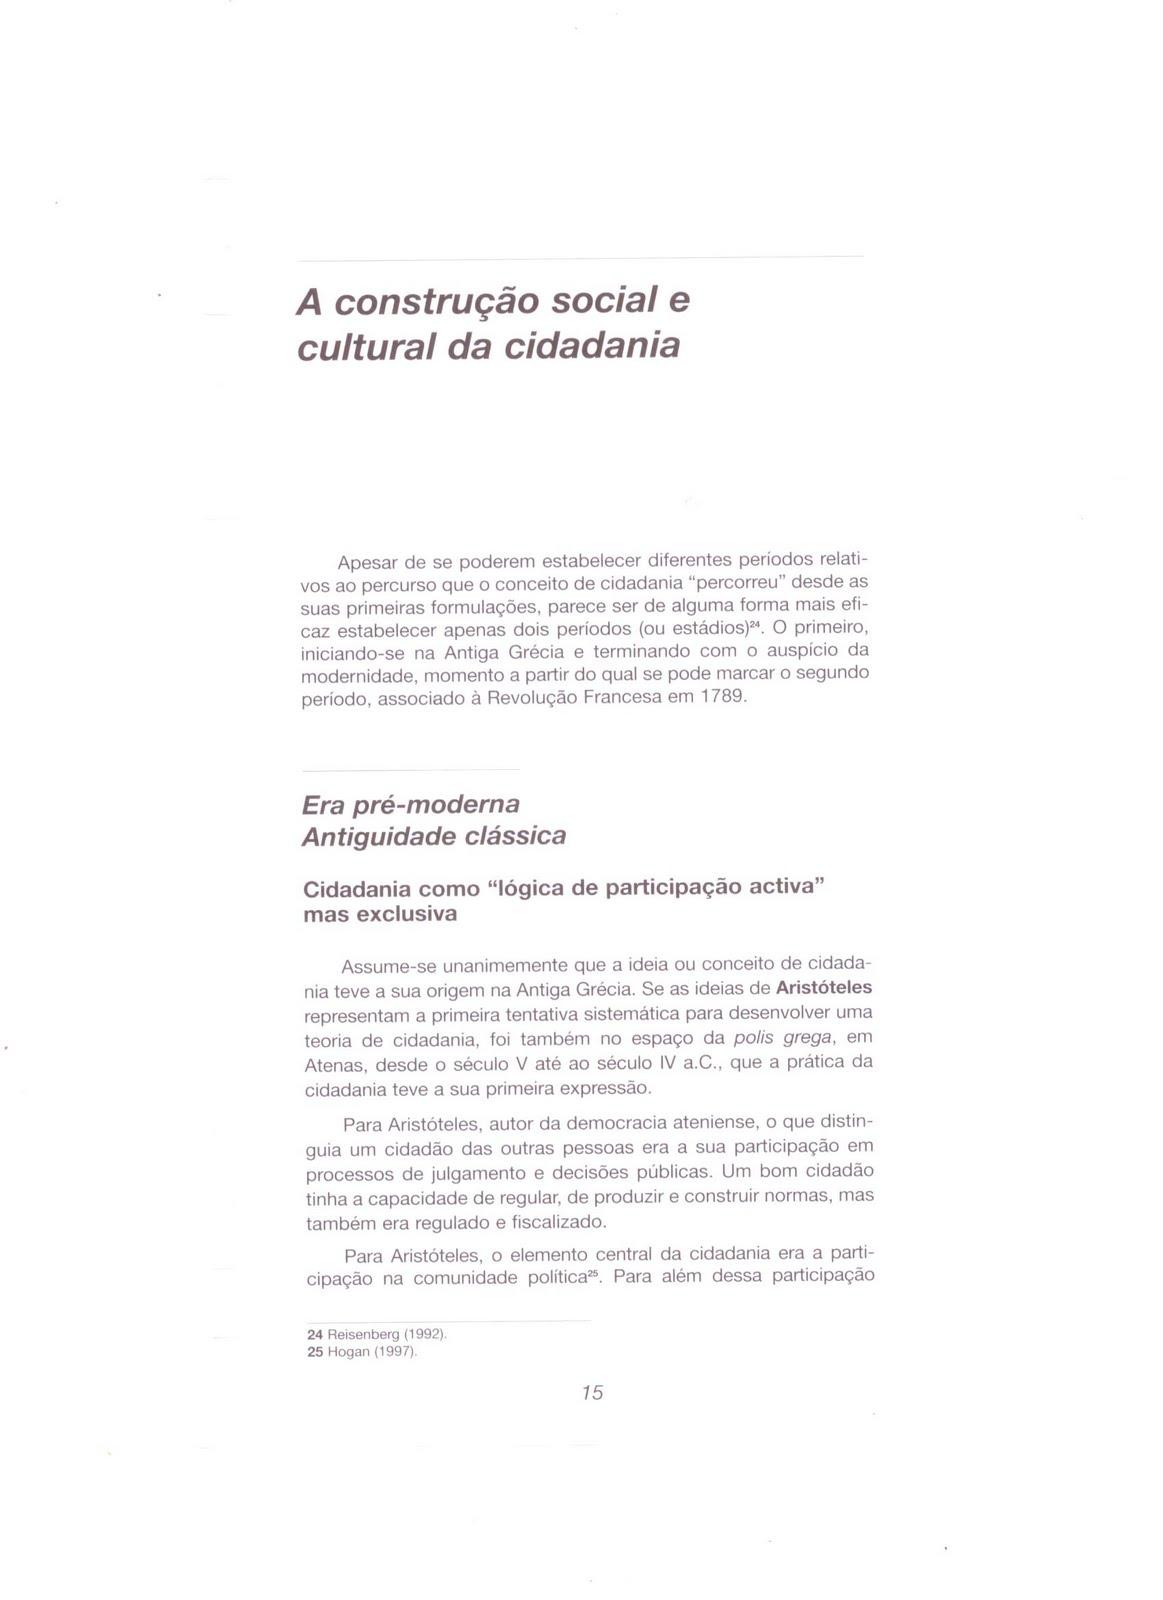 A construção social e cultural da cidadania - 10º ano